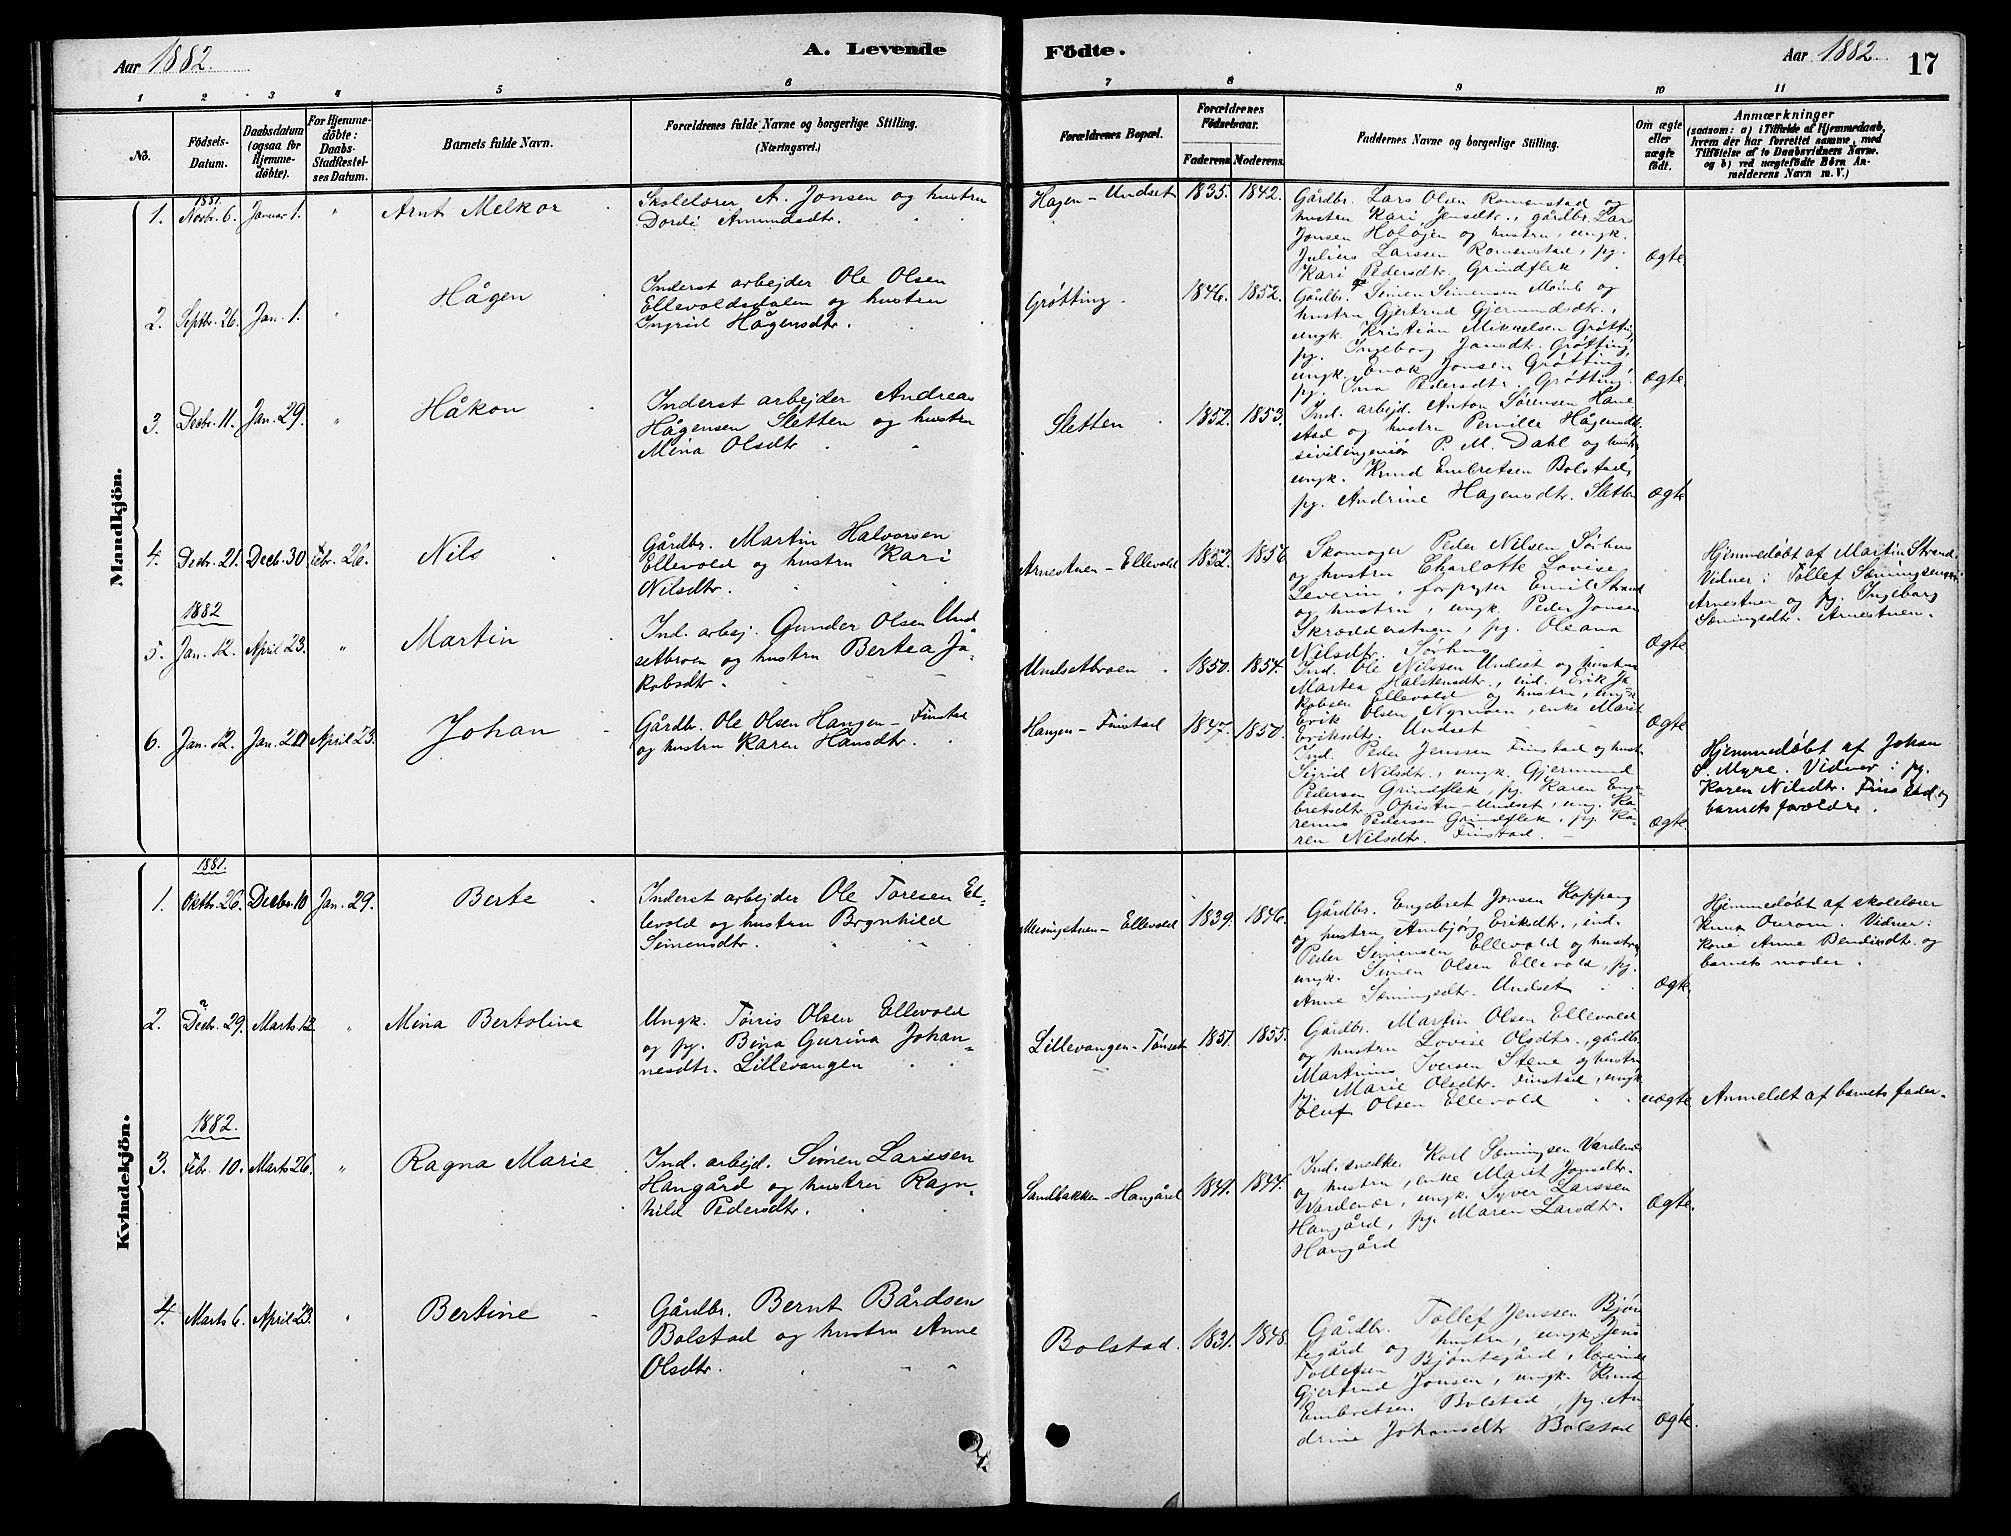 SAH, Rendalen prestekontor, H/Ha/Hab/L0003: Klokkerbok nr. 3, 1879-1904, s. 17